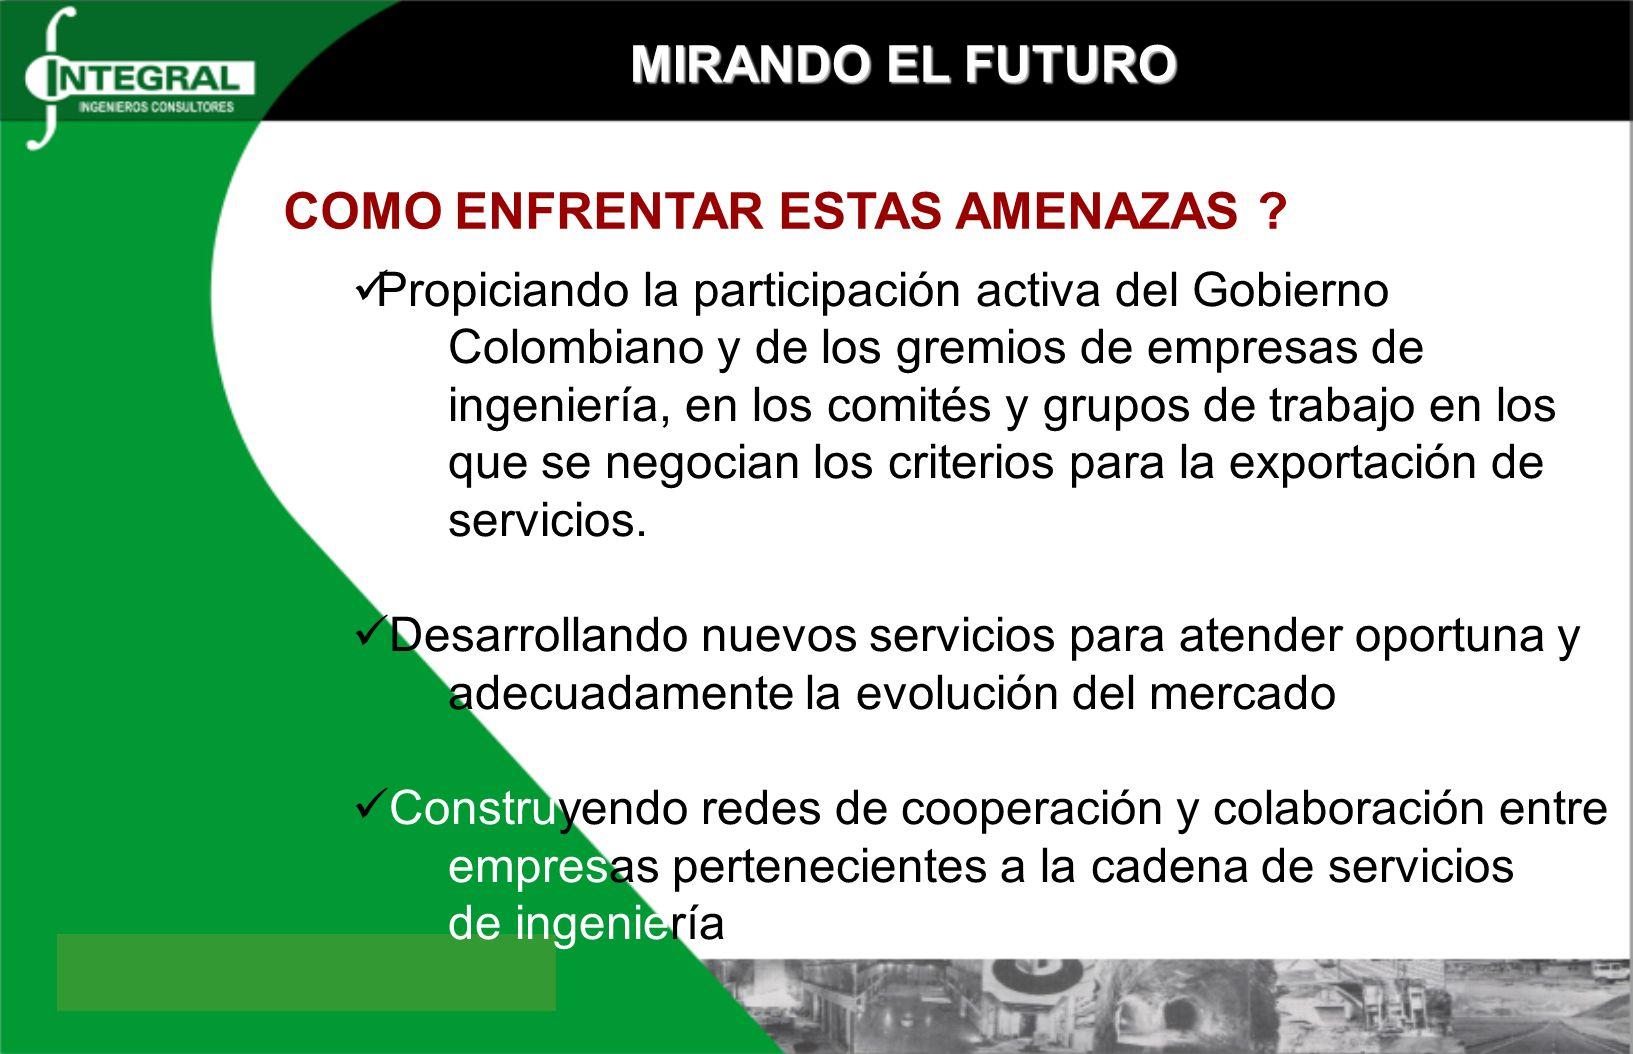 MIRANDO EL FUTURO COMO ENFRENTAR ESTAS AMENAZAS